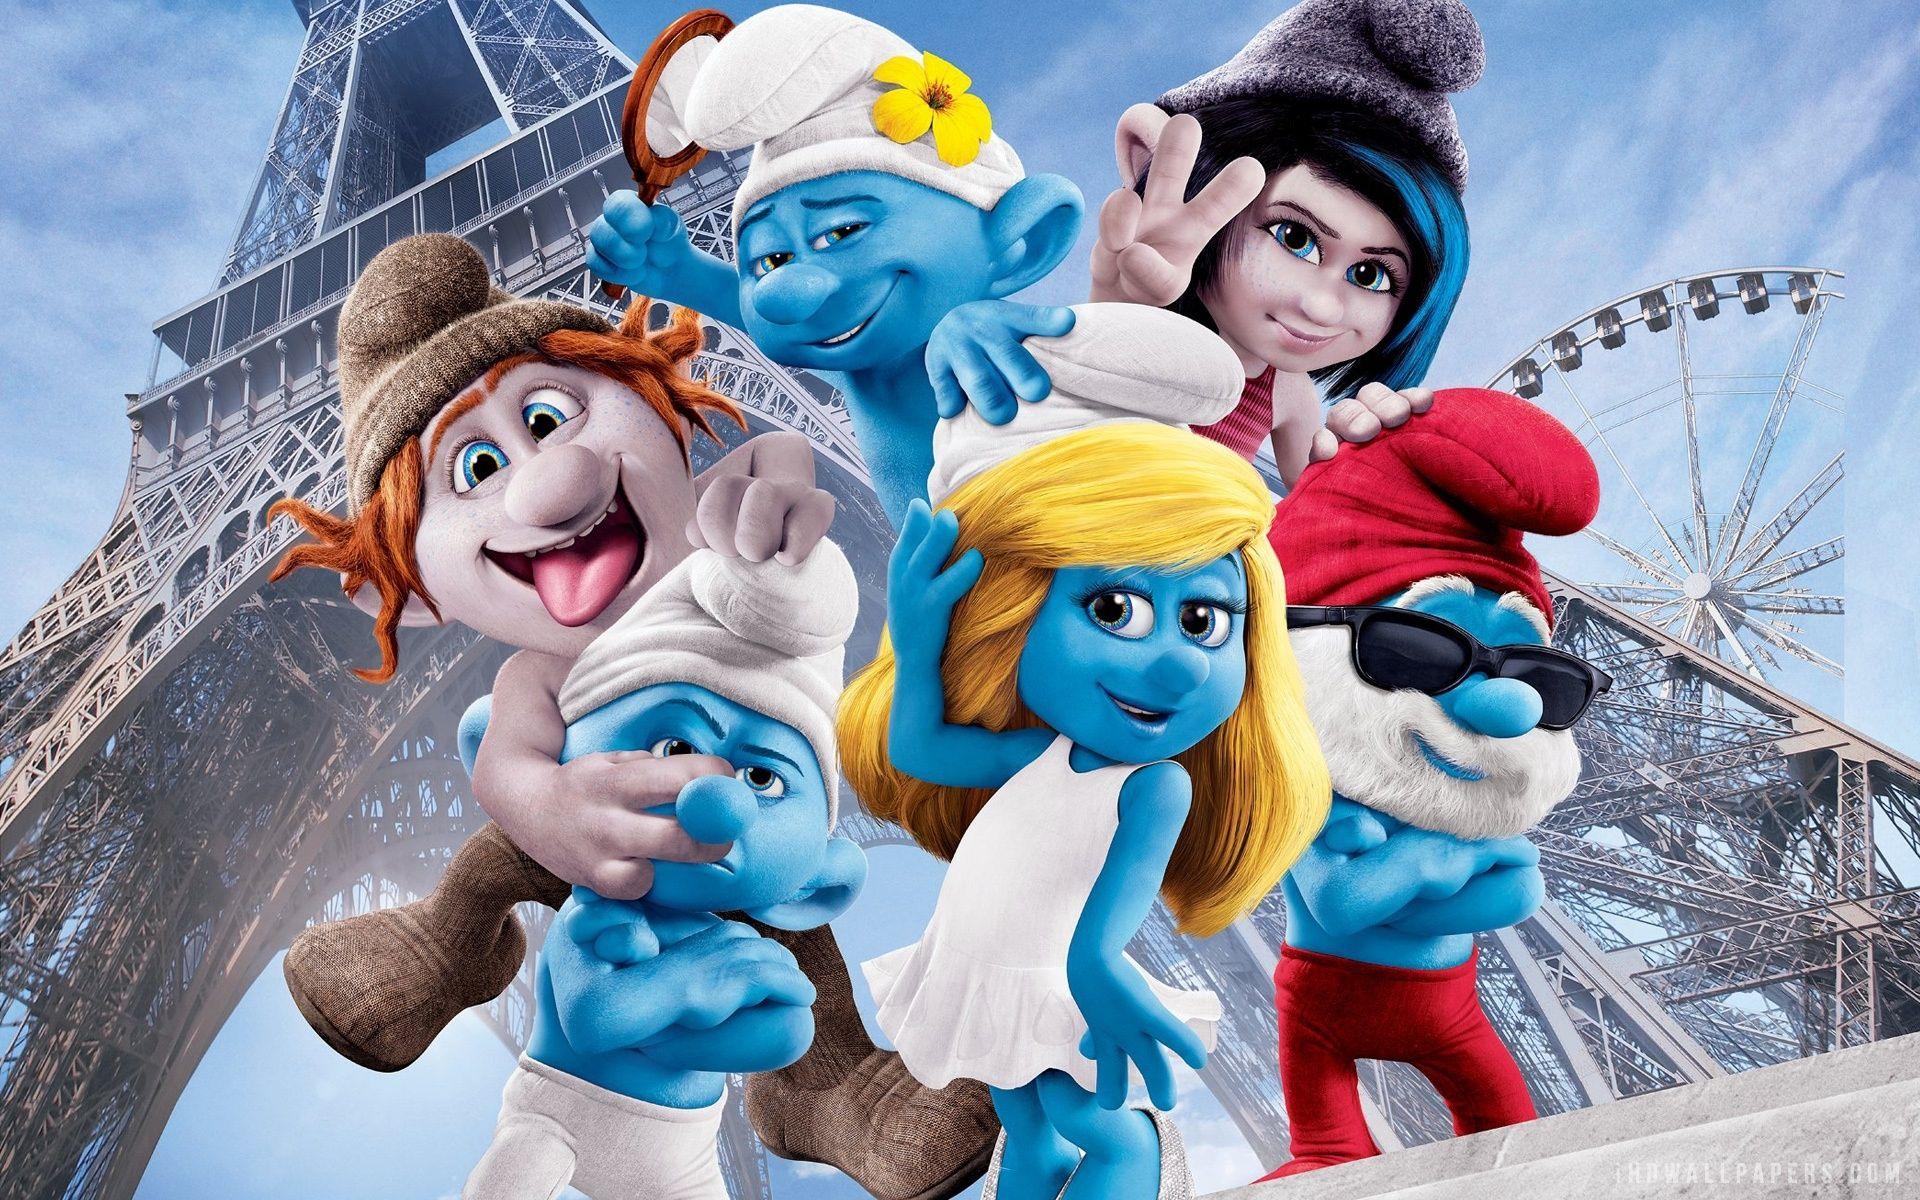 Personagens Os Smurfs 2 wallpaper em 2020 Cartoon